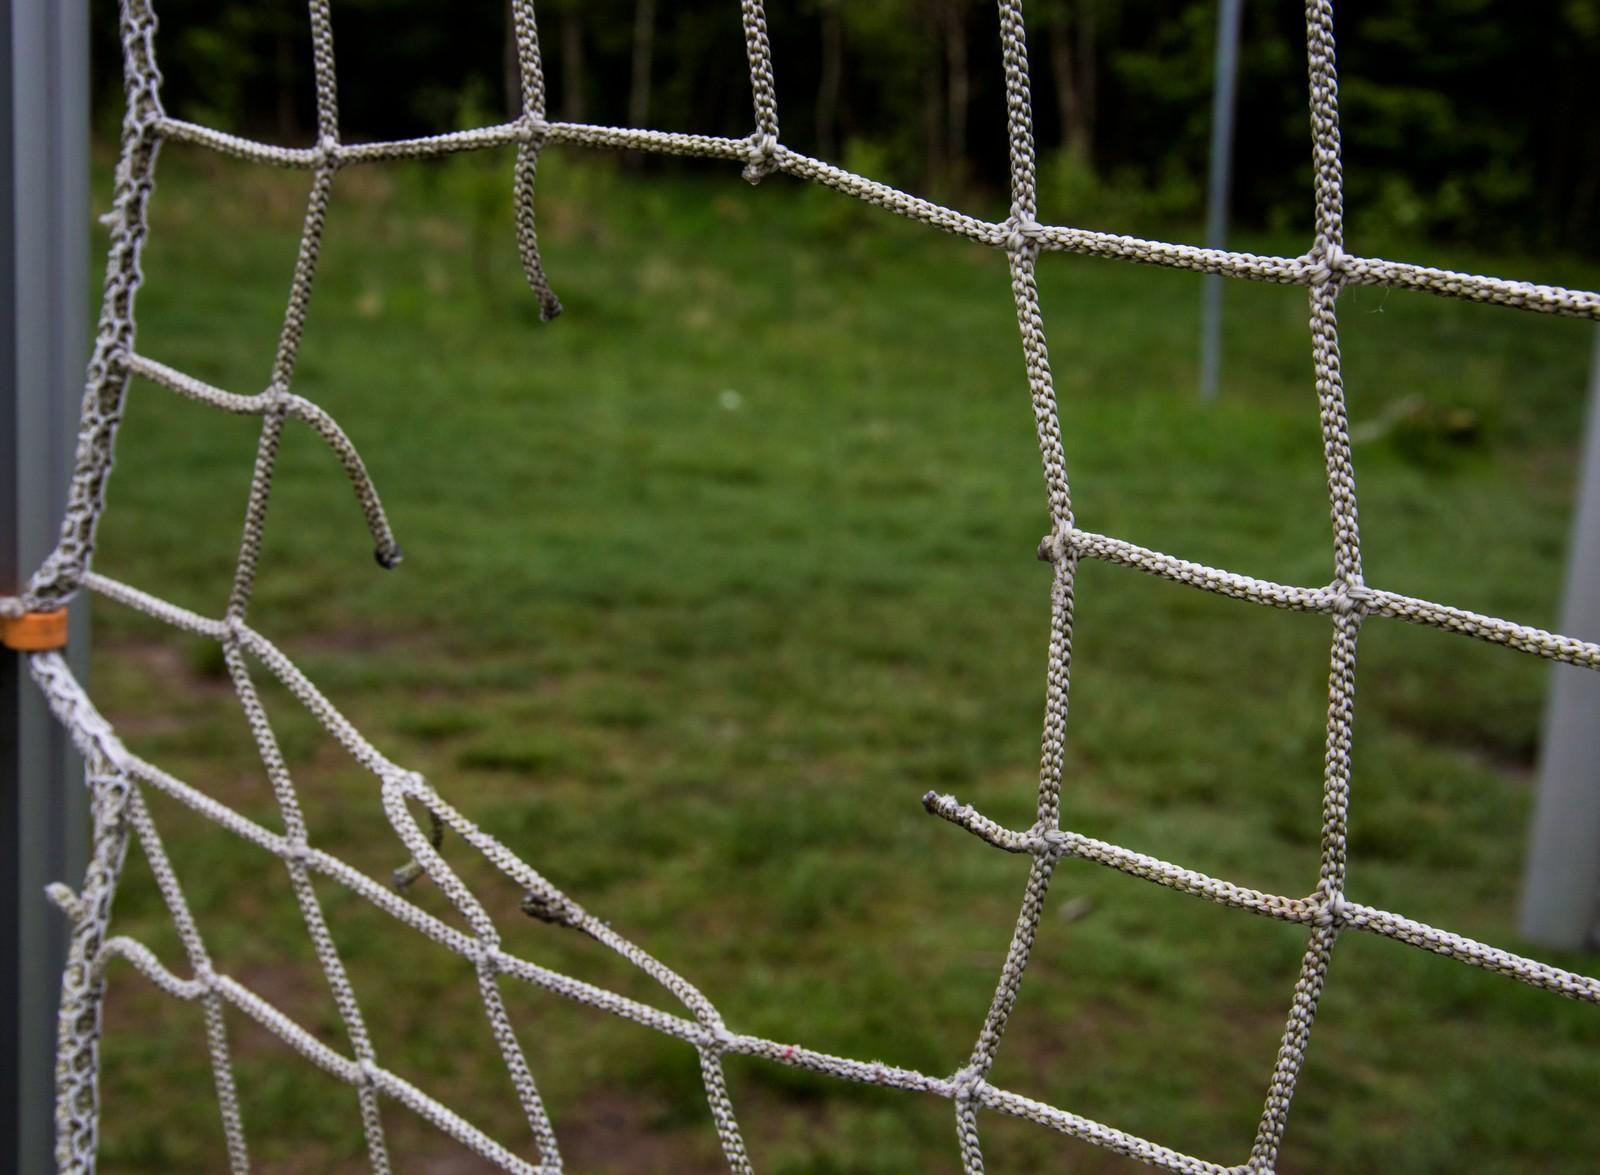 Slitt nett til fotballmål på Auglendshøyden.